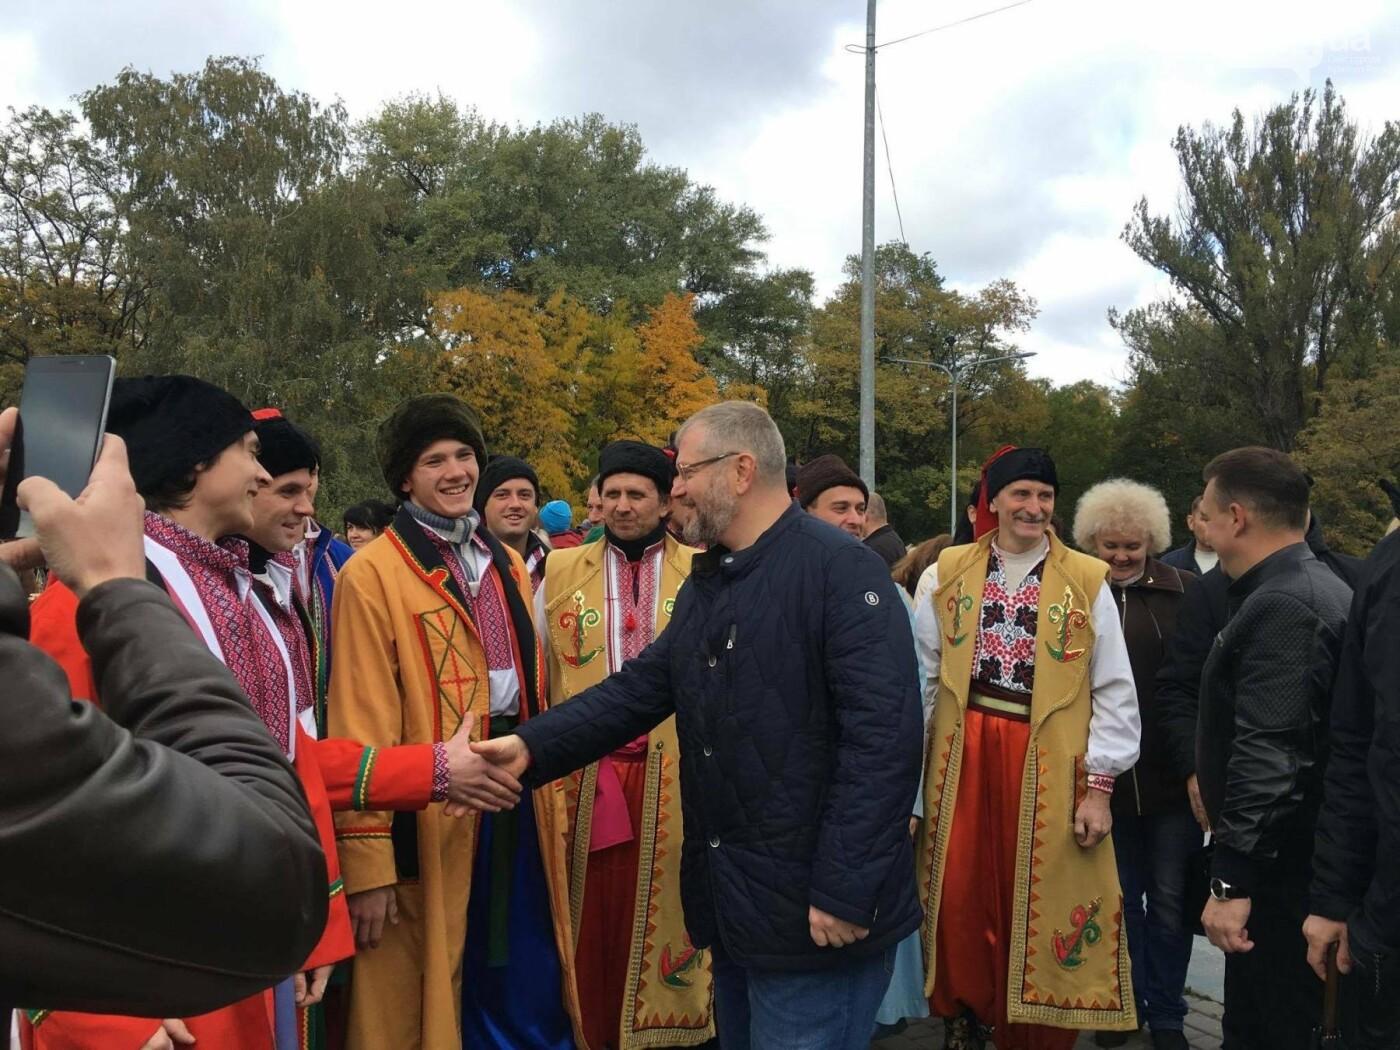 Тысячи криворожан отмечают День украинского козачества на Фестивале в парке Героев (ФОТО, ВИДЕО), фото-9